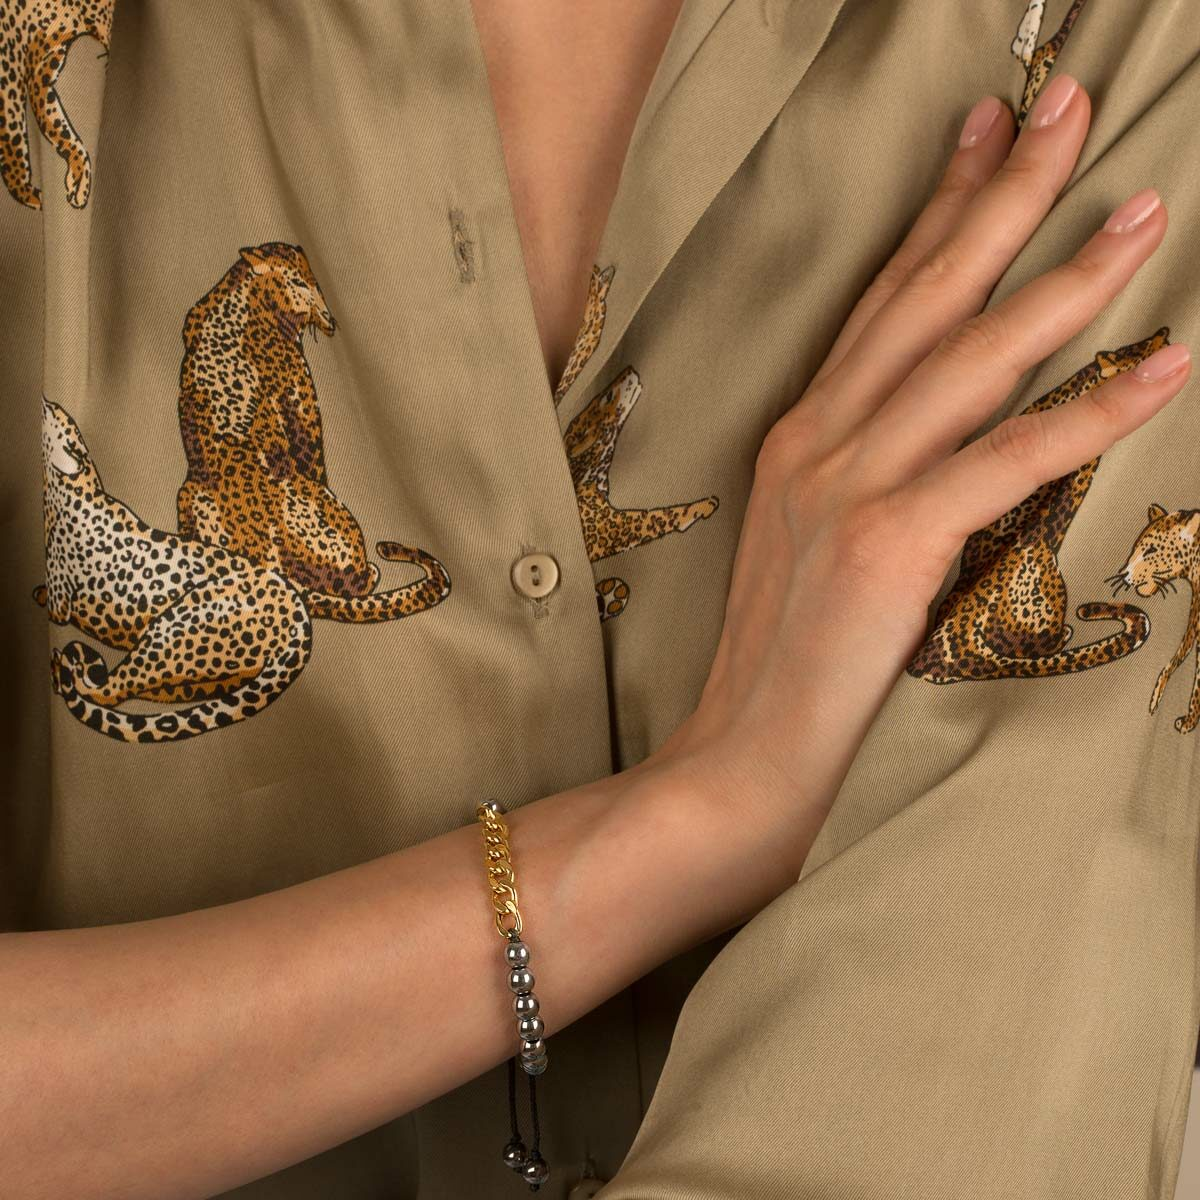 دستبند طلا سنگی هشت حلقه کارتیه و حدید روشن